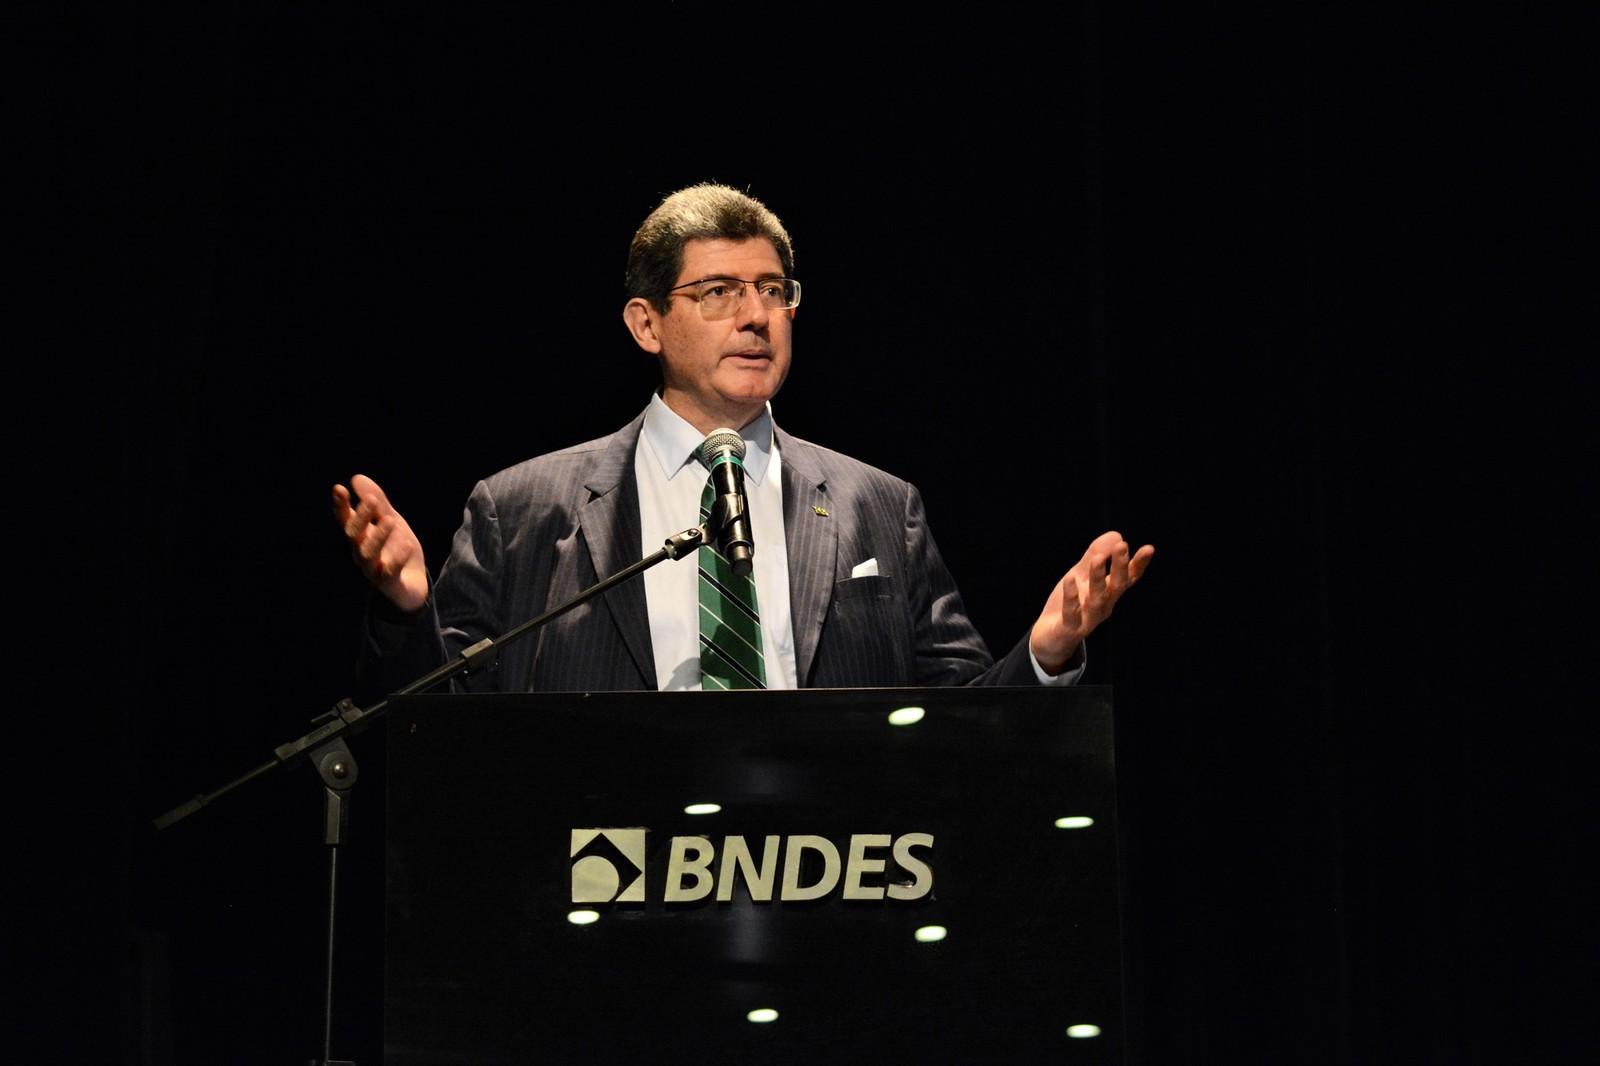 BNDES terá foco em médias empresas, diz novo presidente